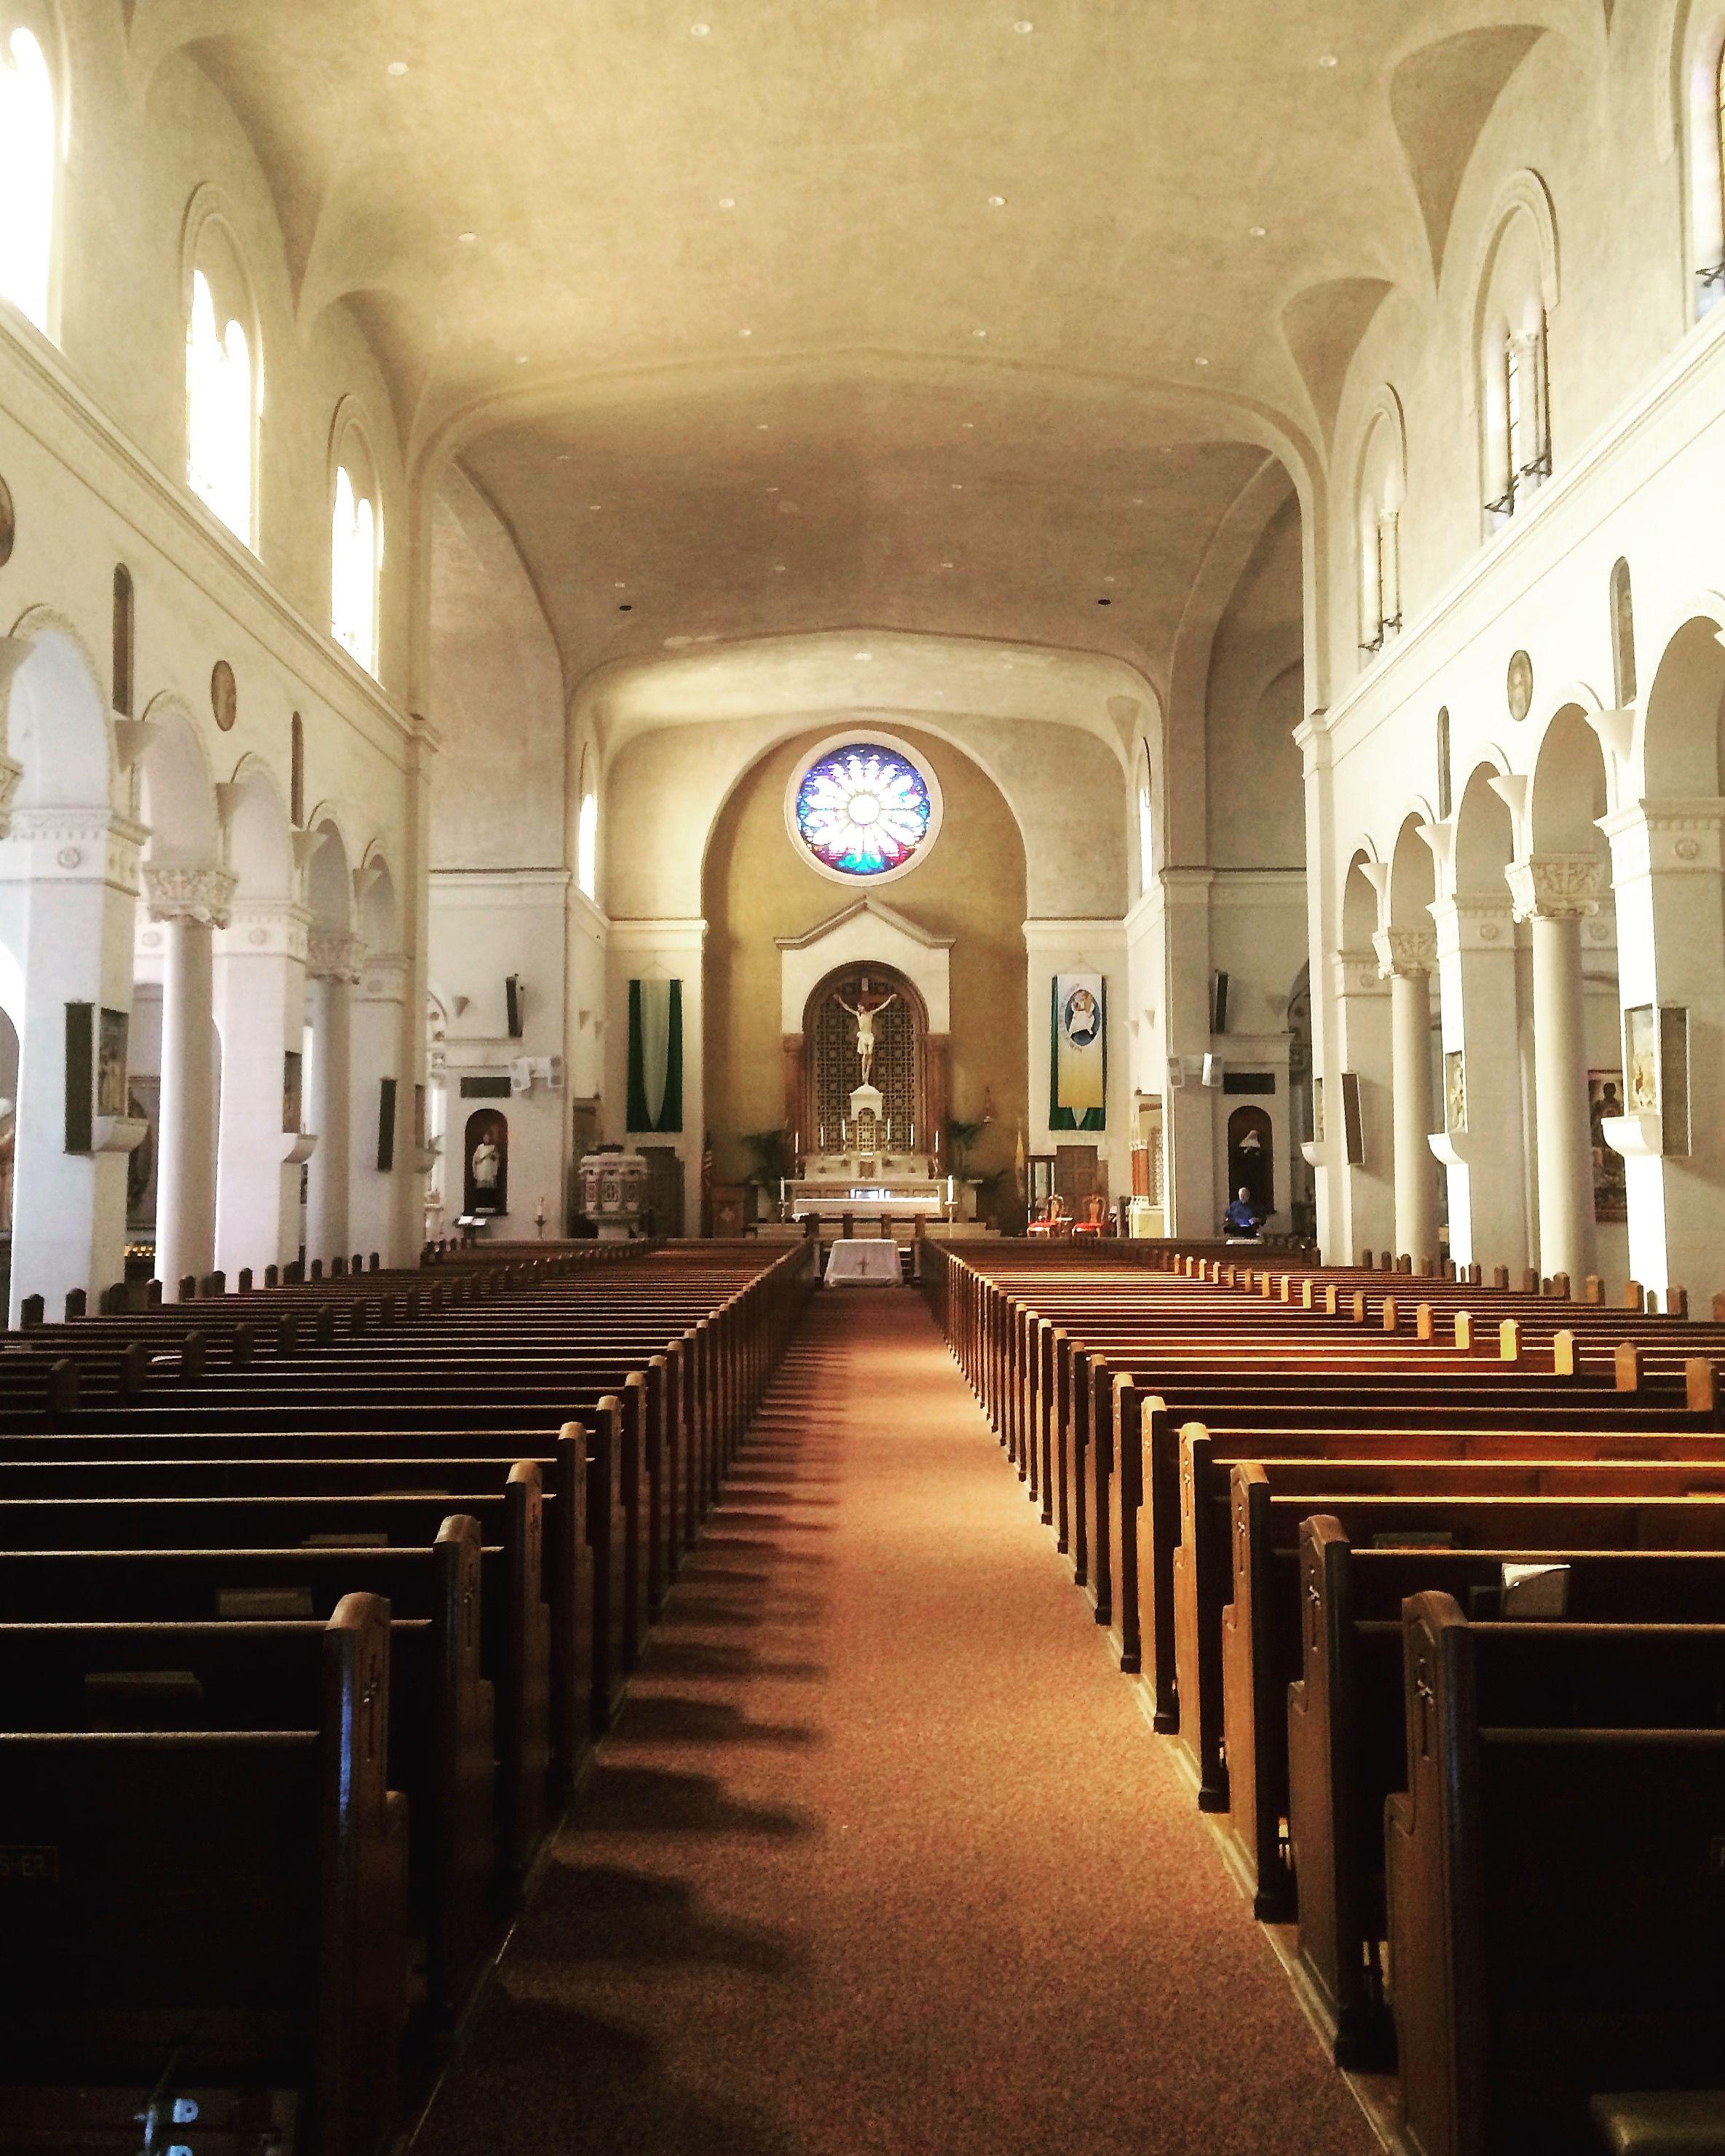 d4b4ce73320af2fe528871cf161dbc30 - Catholic Churches In Palm Beach Gardens